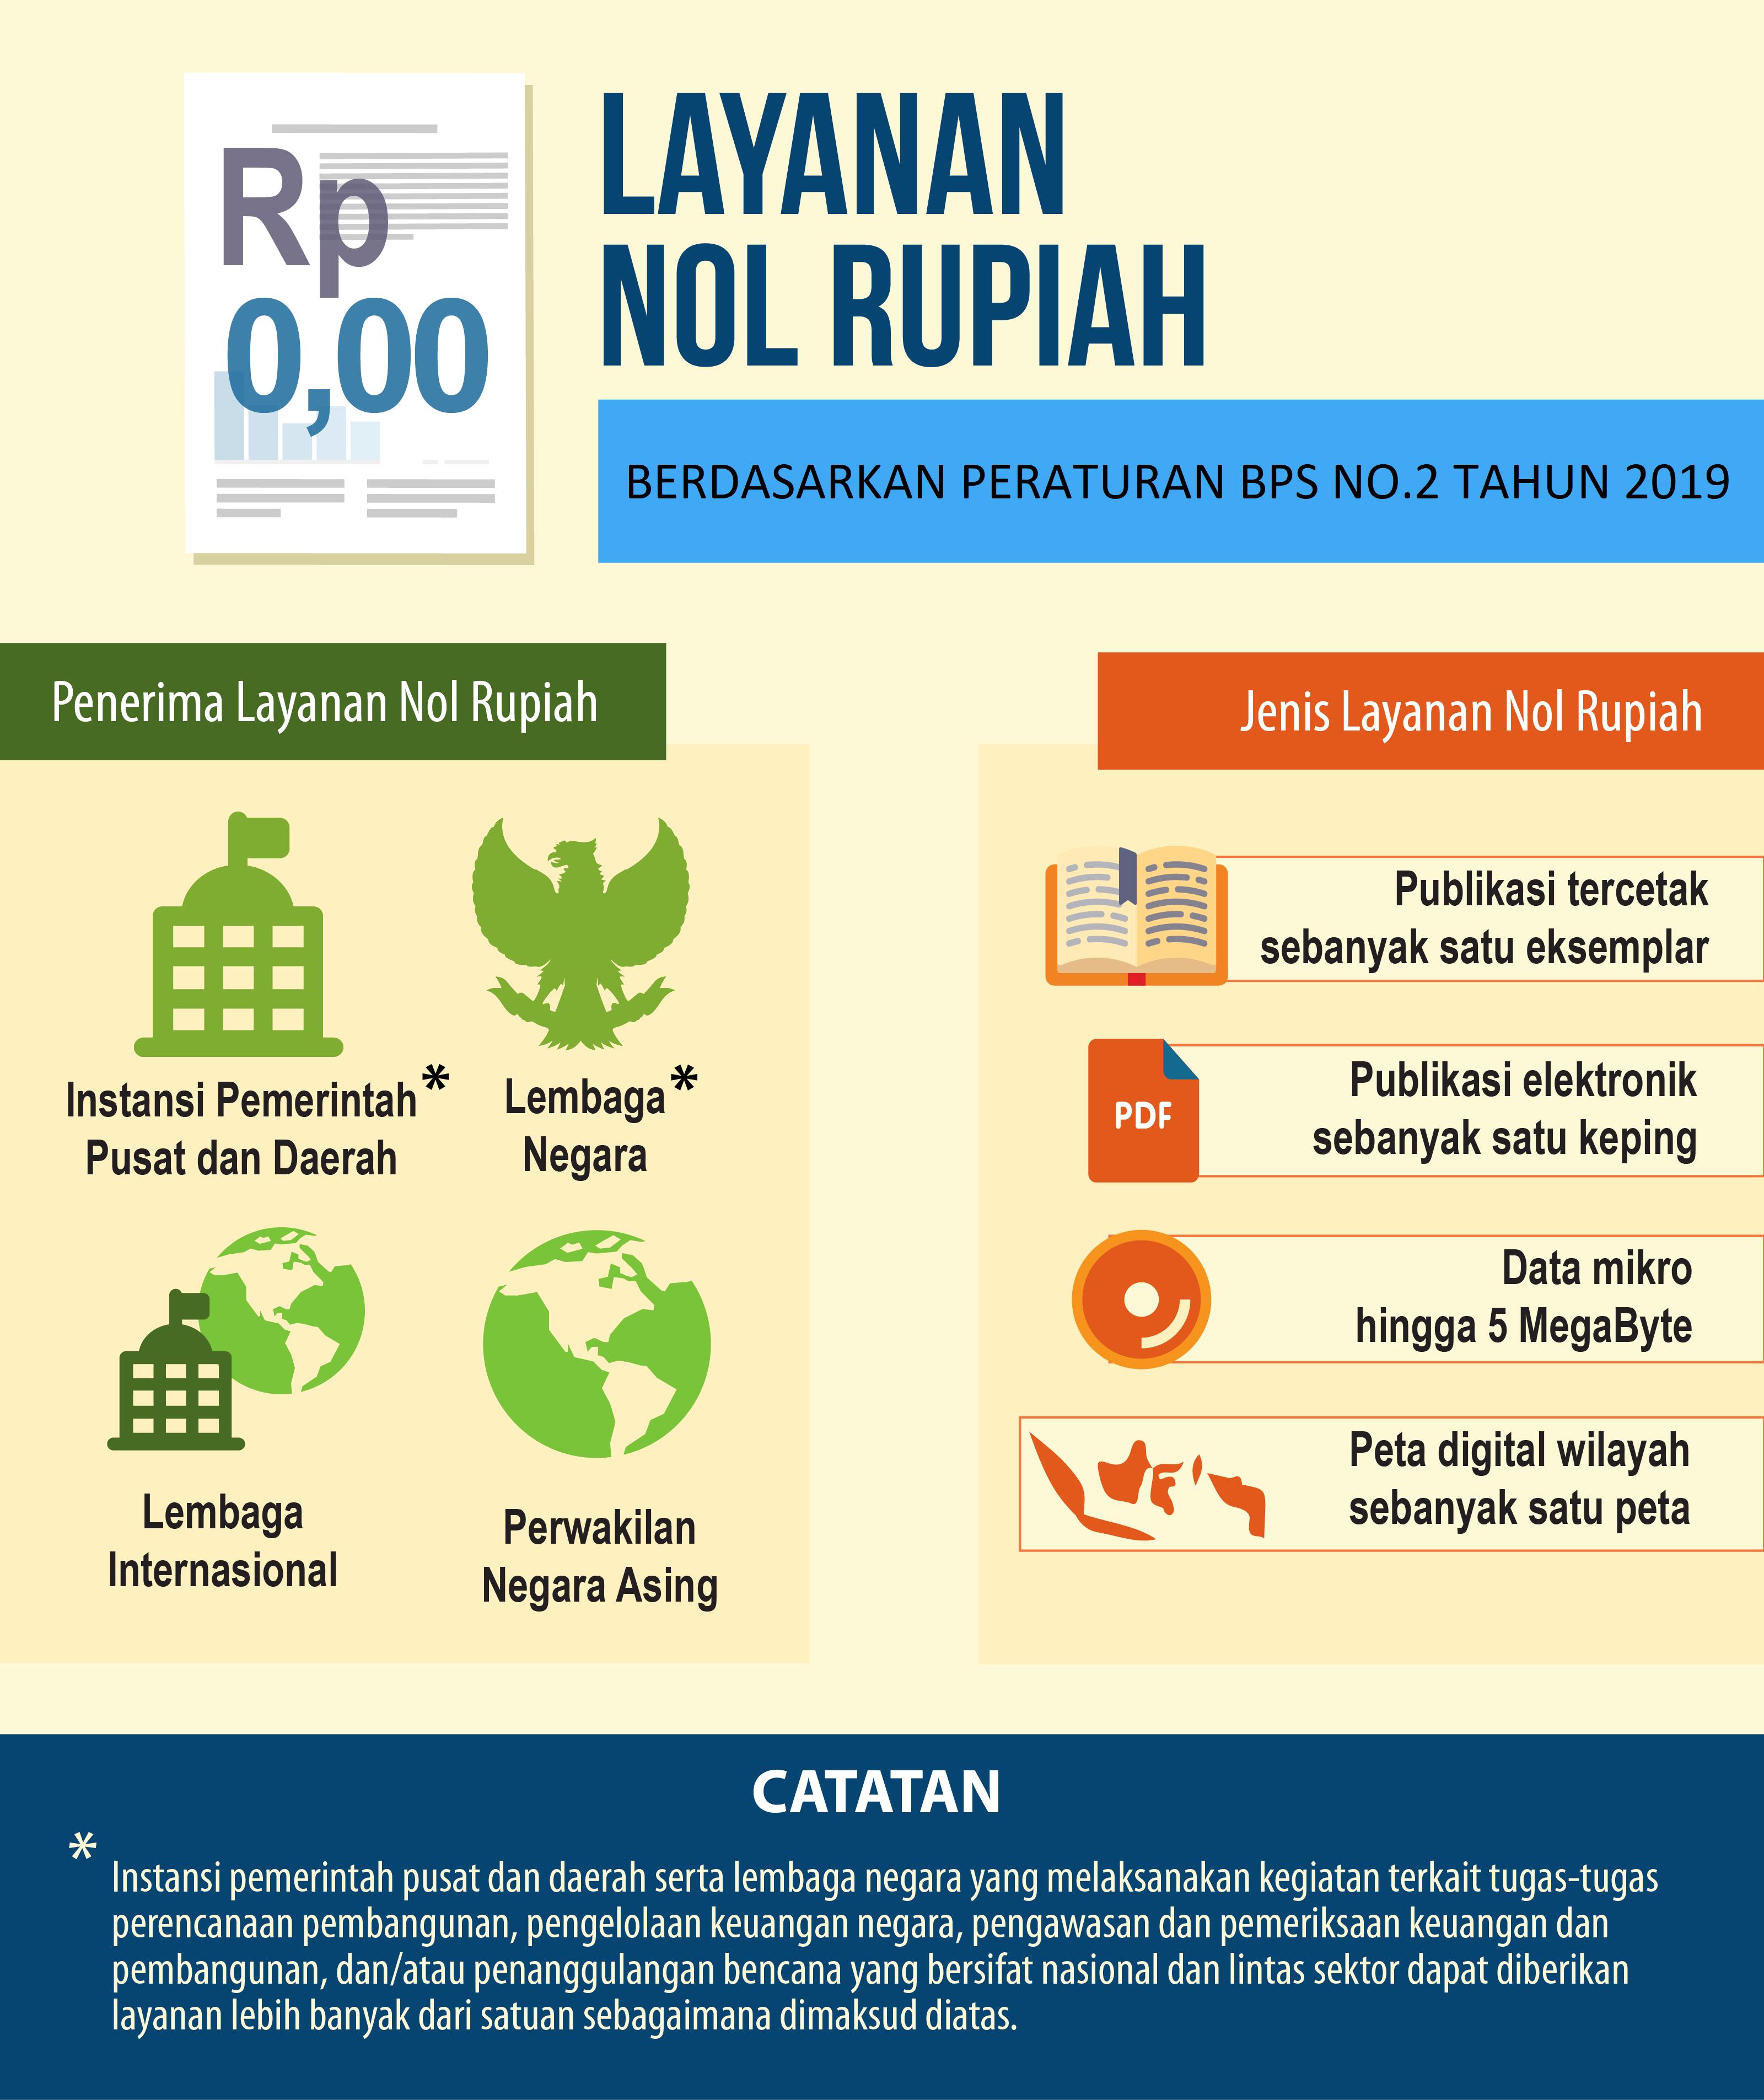 Layanan Nol Rupiah